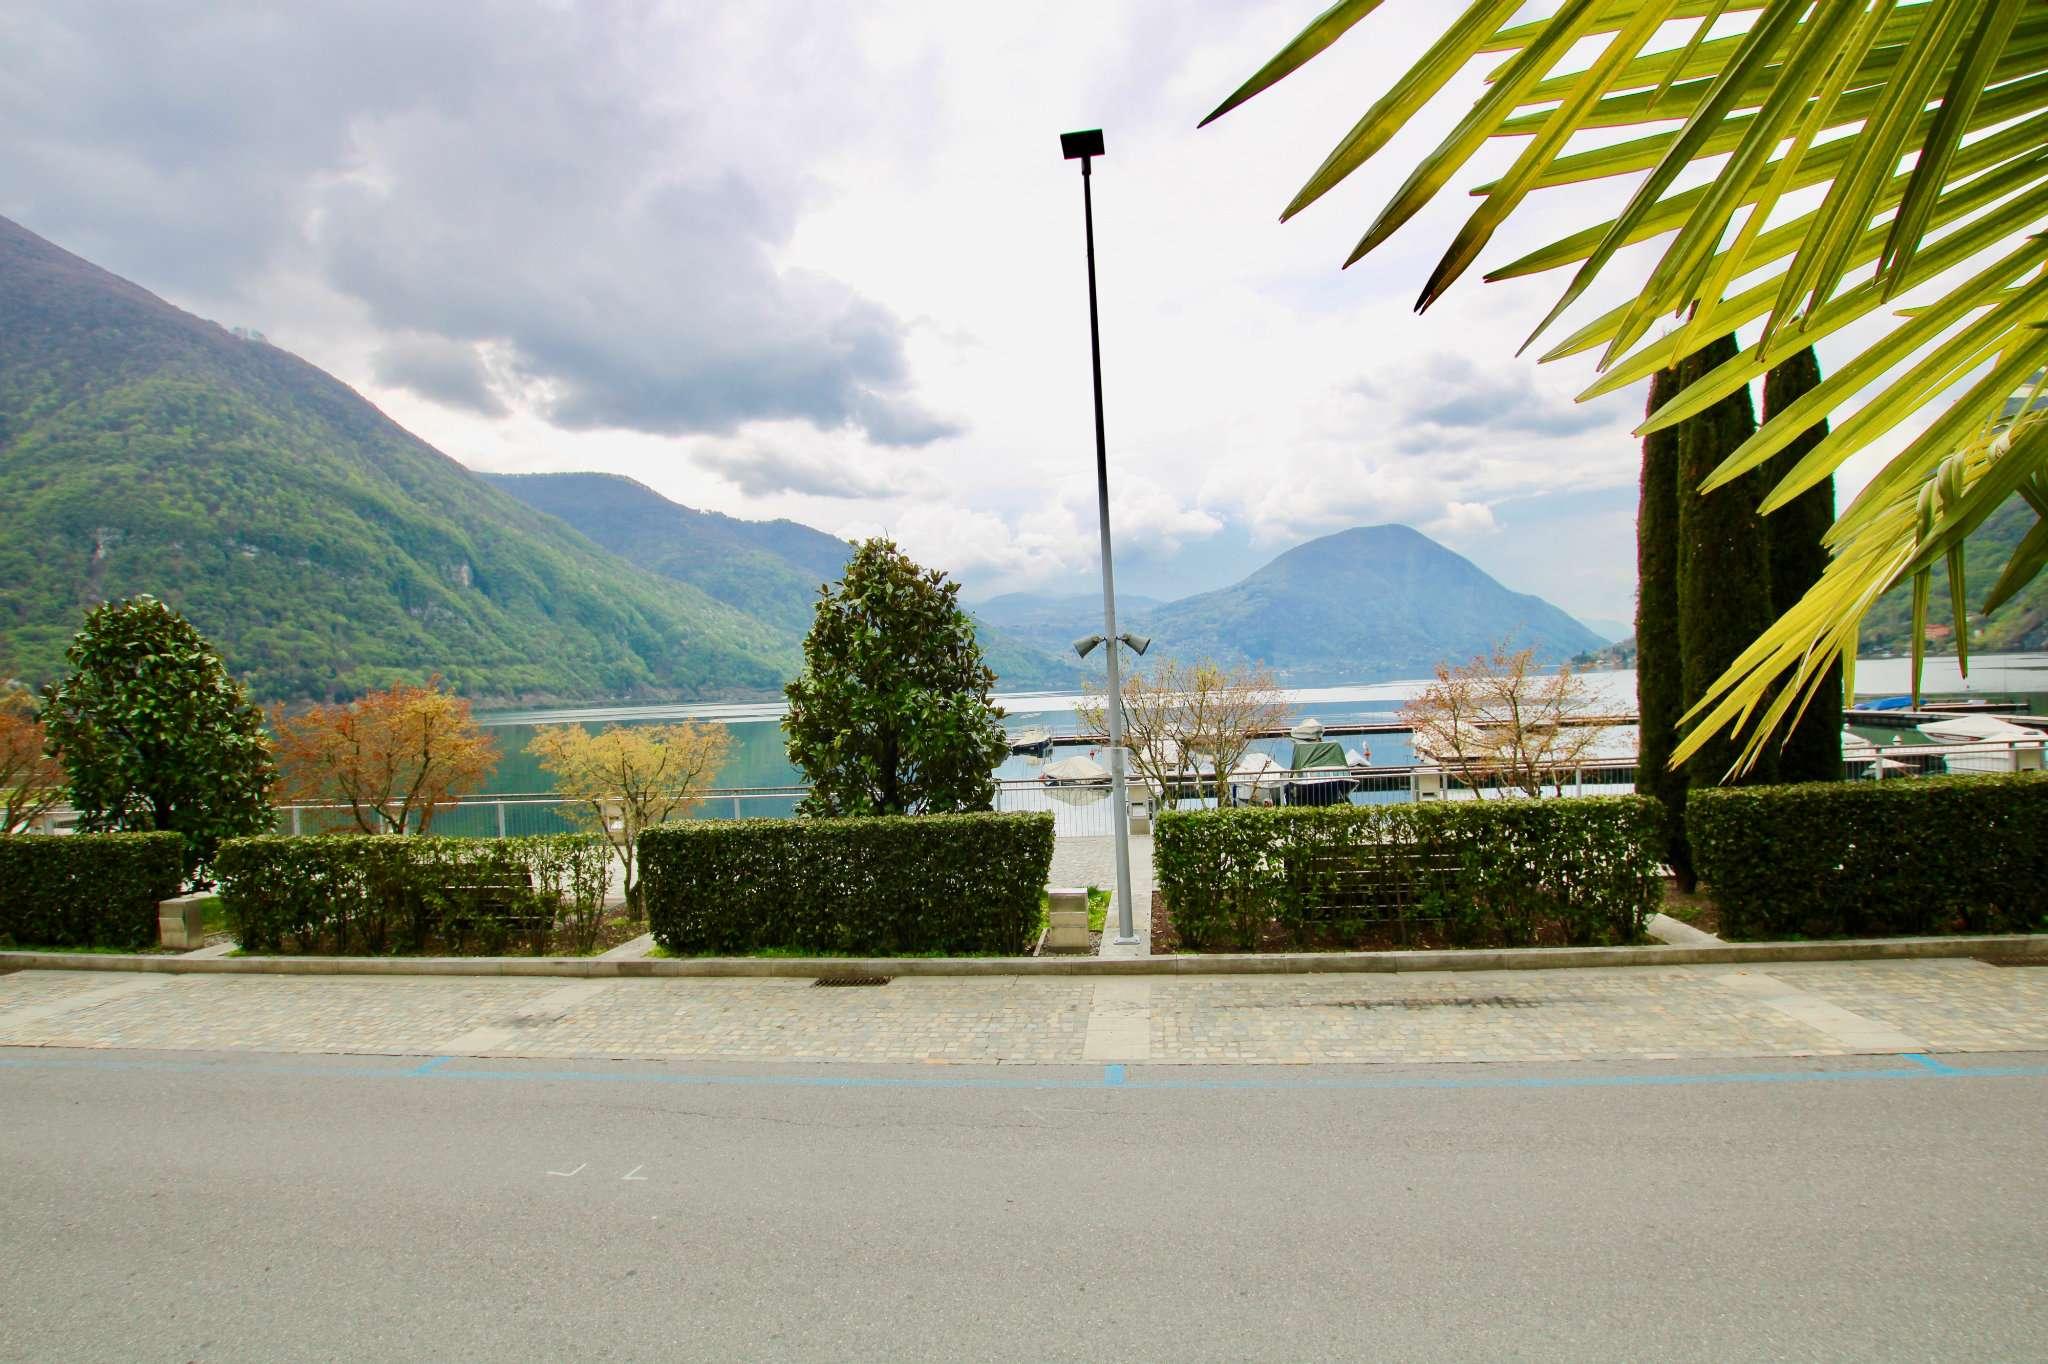 Appartamento in vendita a Porlezza, 4 locali, prezzo € 425.000 | PortaleAgenzieImmobiliari.it